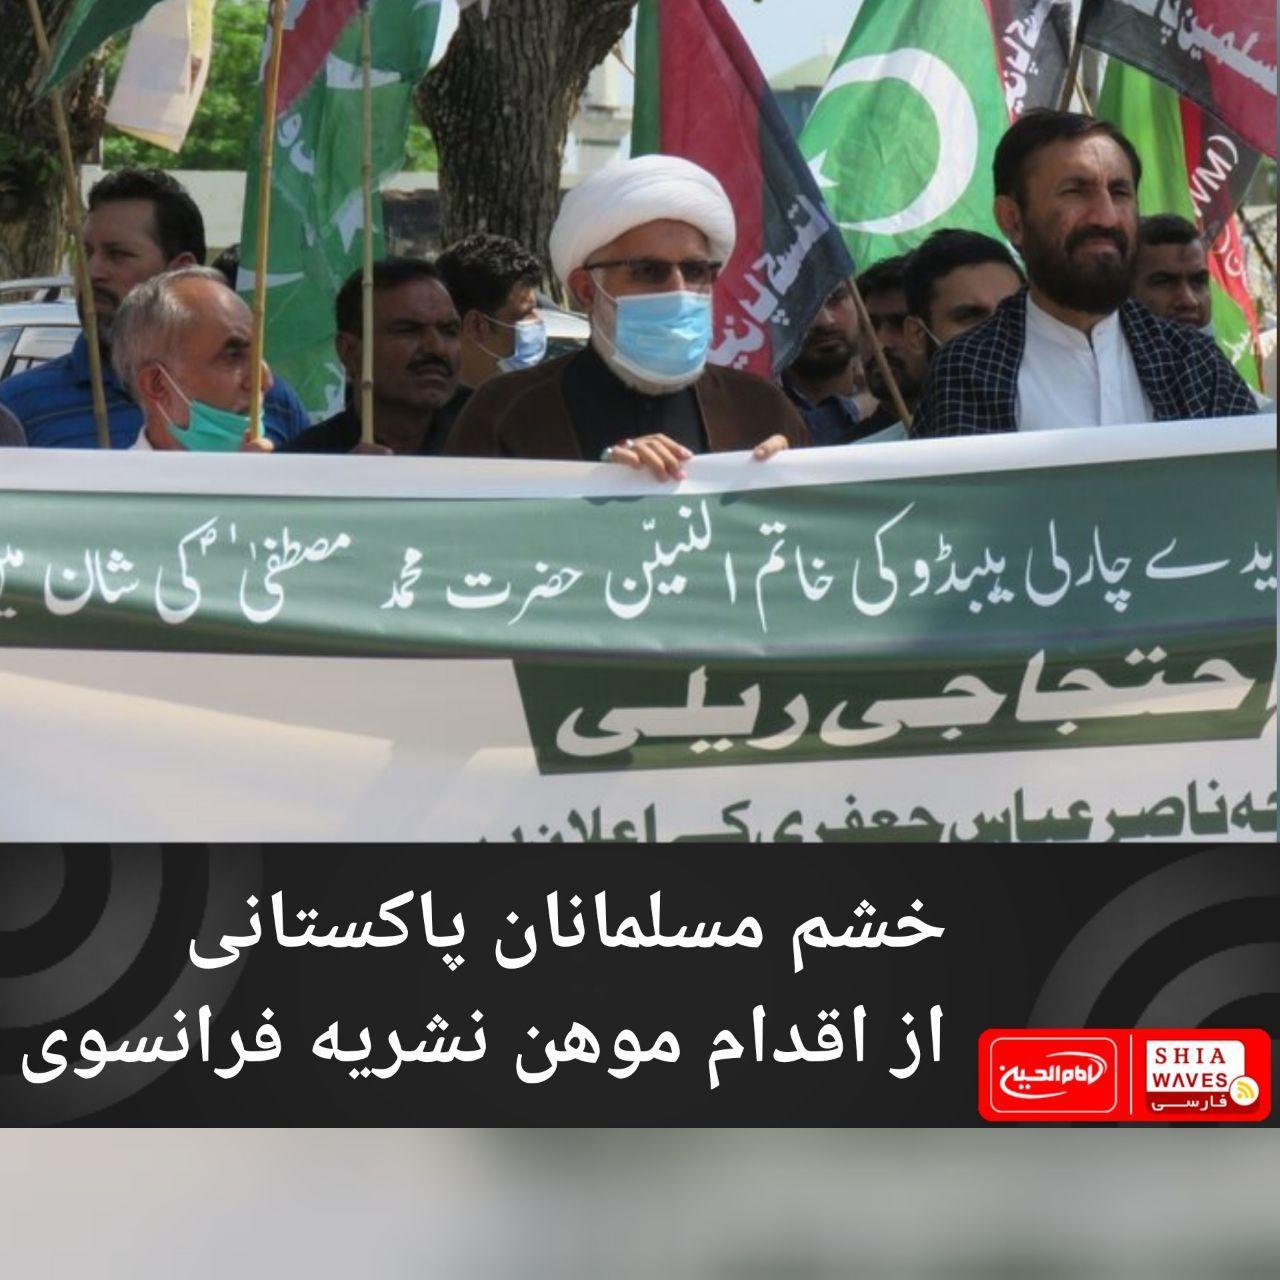 تصویر خشم مسلمانان پاکستانی از اقدام موهن نشریه فرانسوی